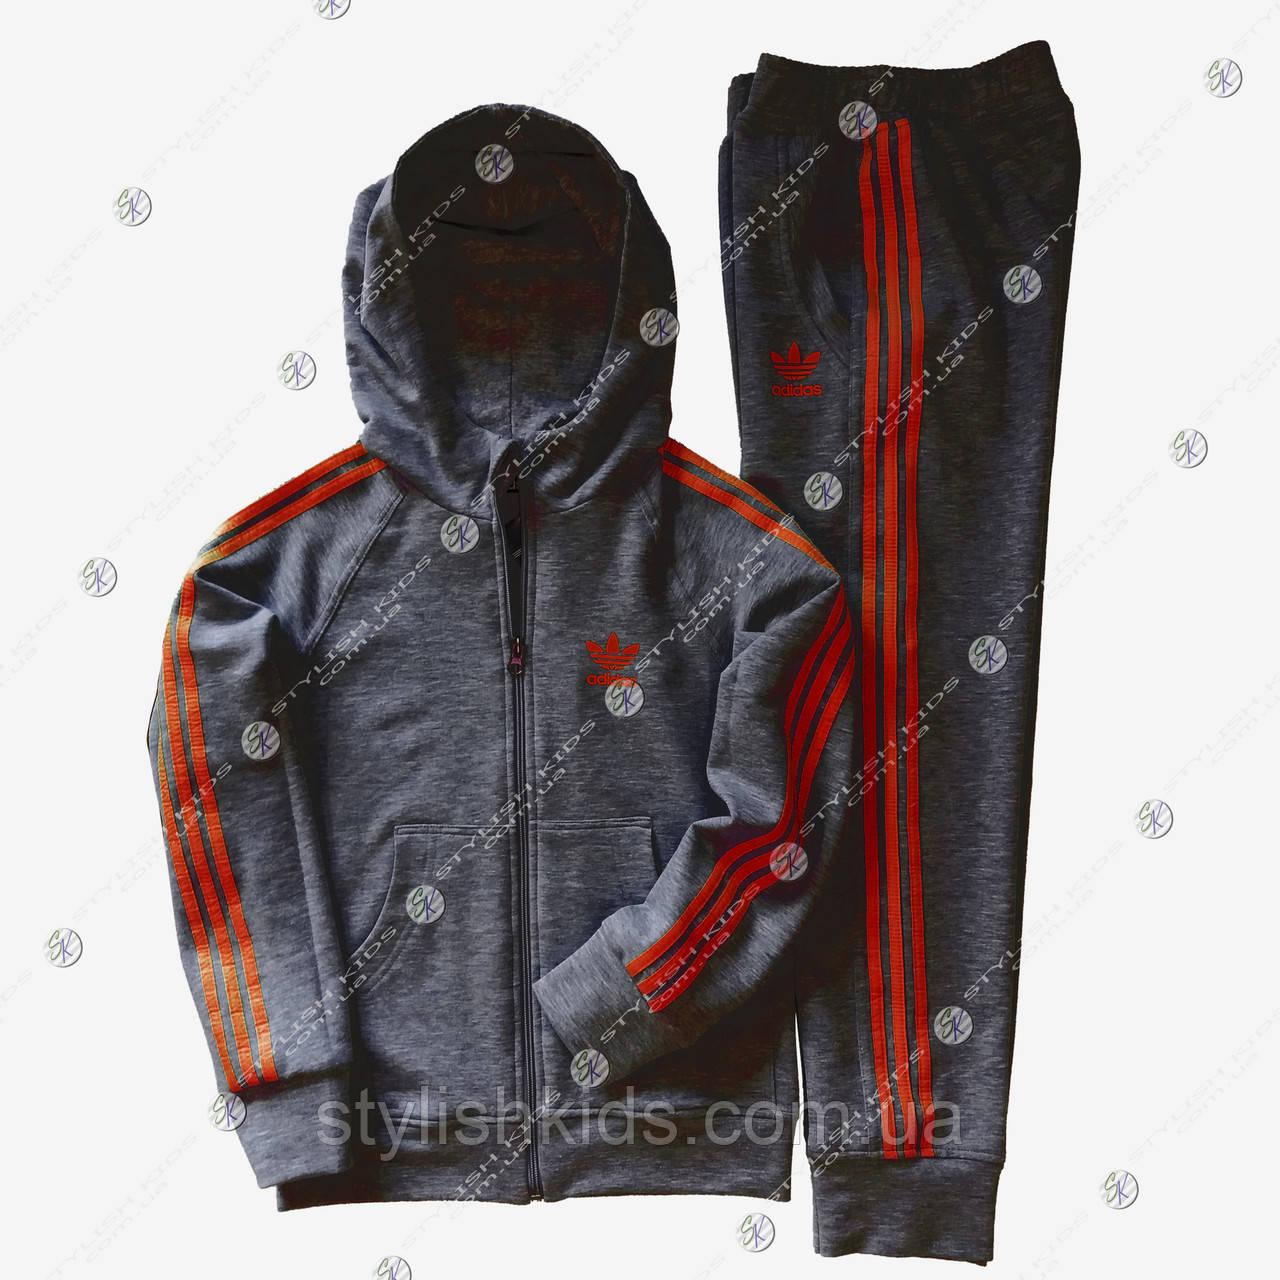 4695b717853f60 cпортивный костюм для мальчика Адидас.Подростковый спортивный костюм для  мальчика 8-16 лет